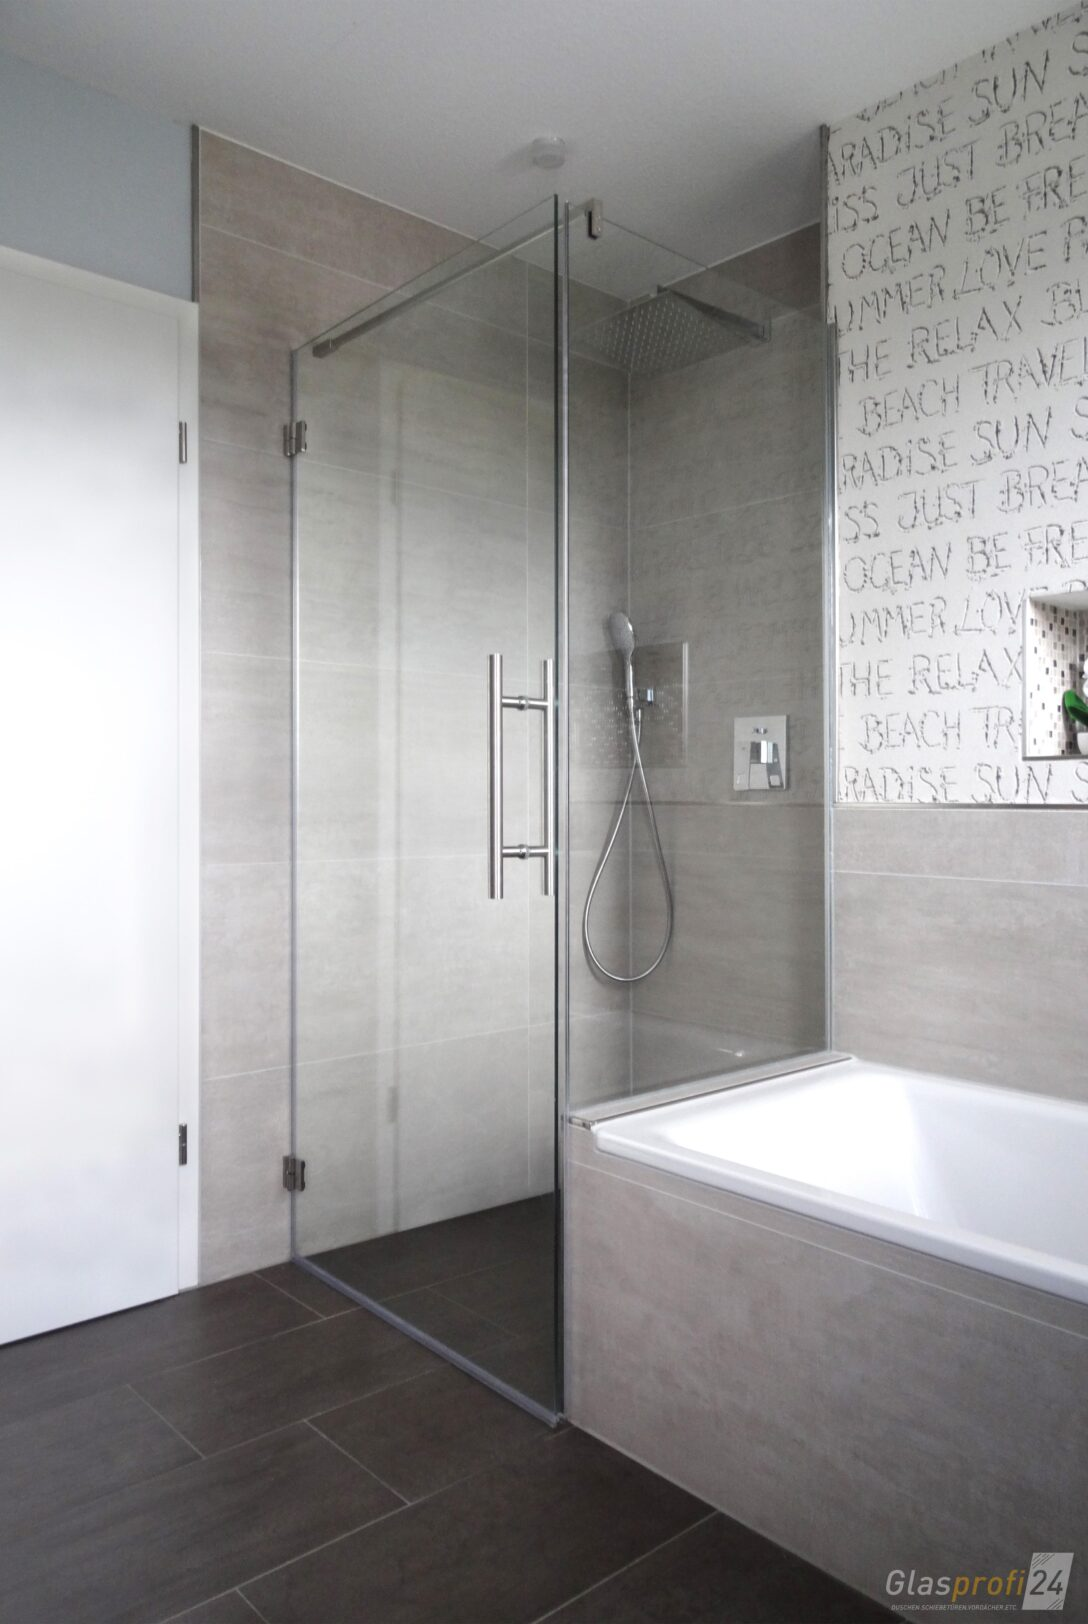 Large Size of Dusche An Badewanne Glasprofi24 Rainshower Schulte Duschen Werksverkauf Hüppe Wand Grohe Thermostat Sprinz Ebenerdig Raindance Begehbare Antirutschmatte Dusche Glastrennwand Dusche